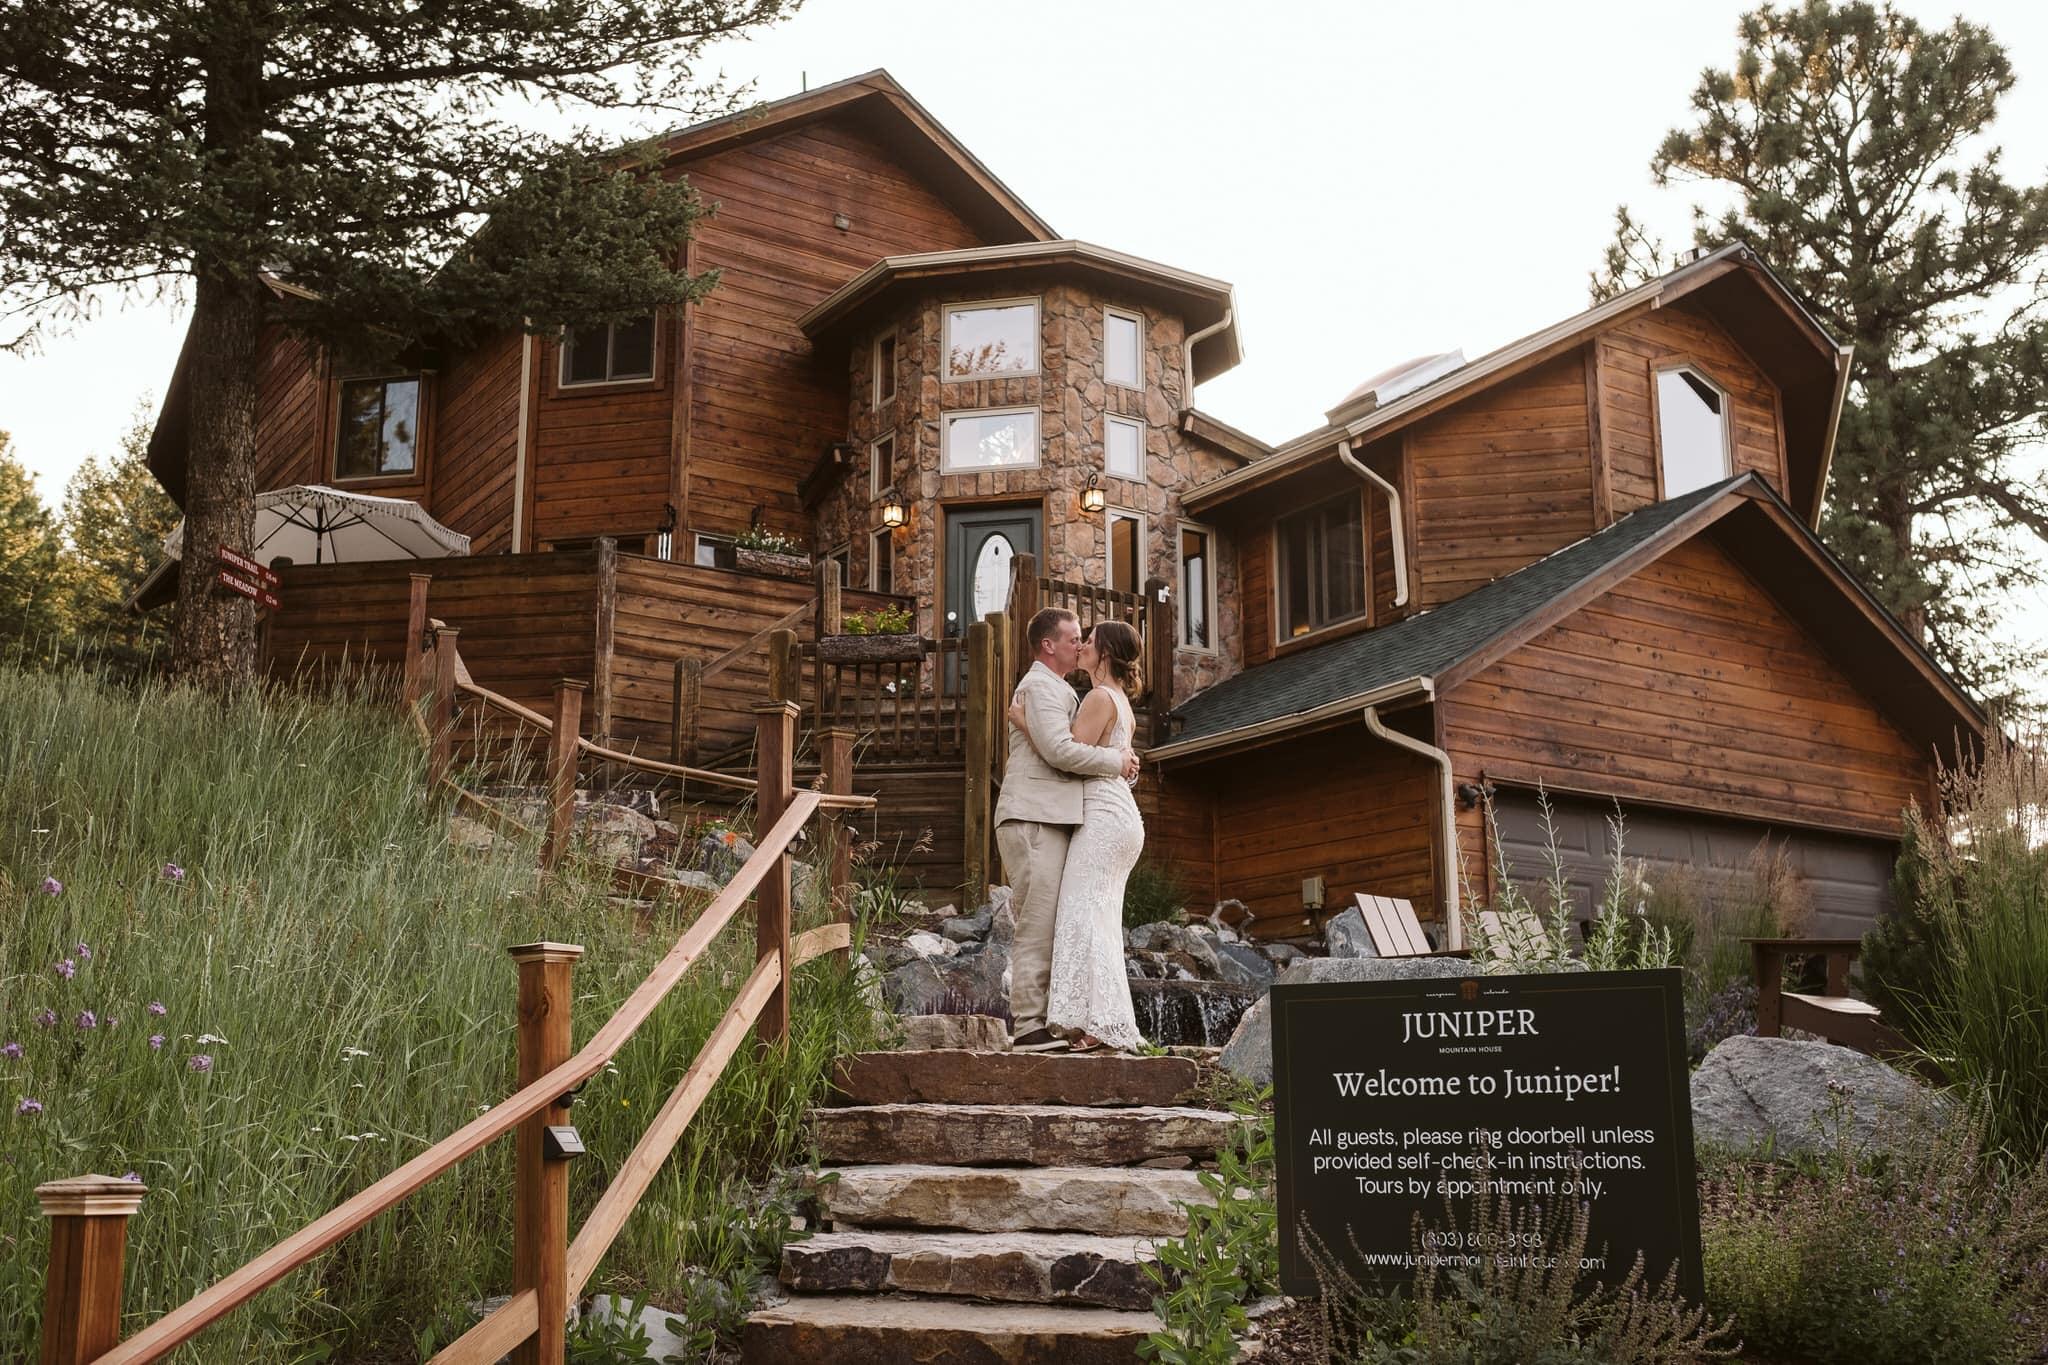 Juniper Mountain House small wedding venue in Evergreen, Colorado.